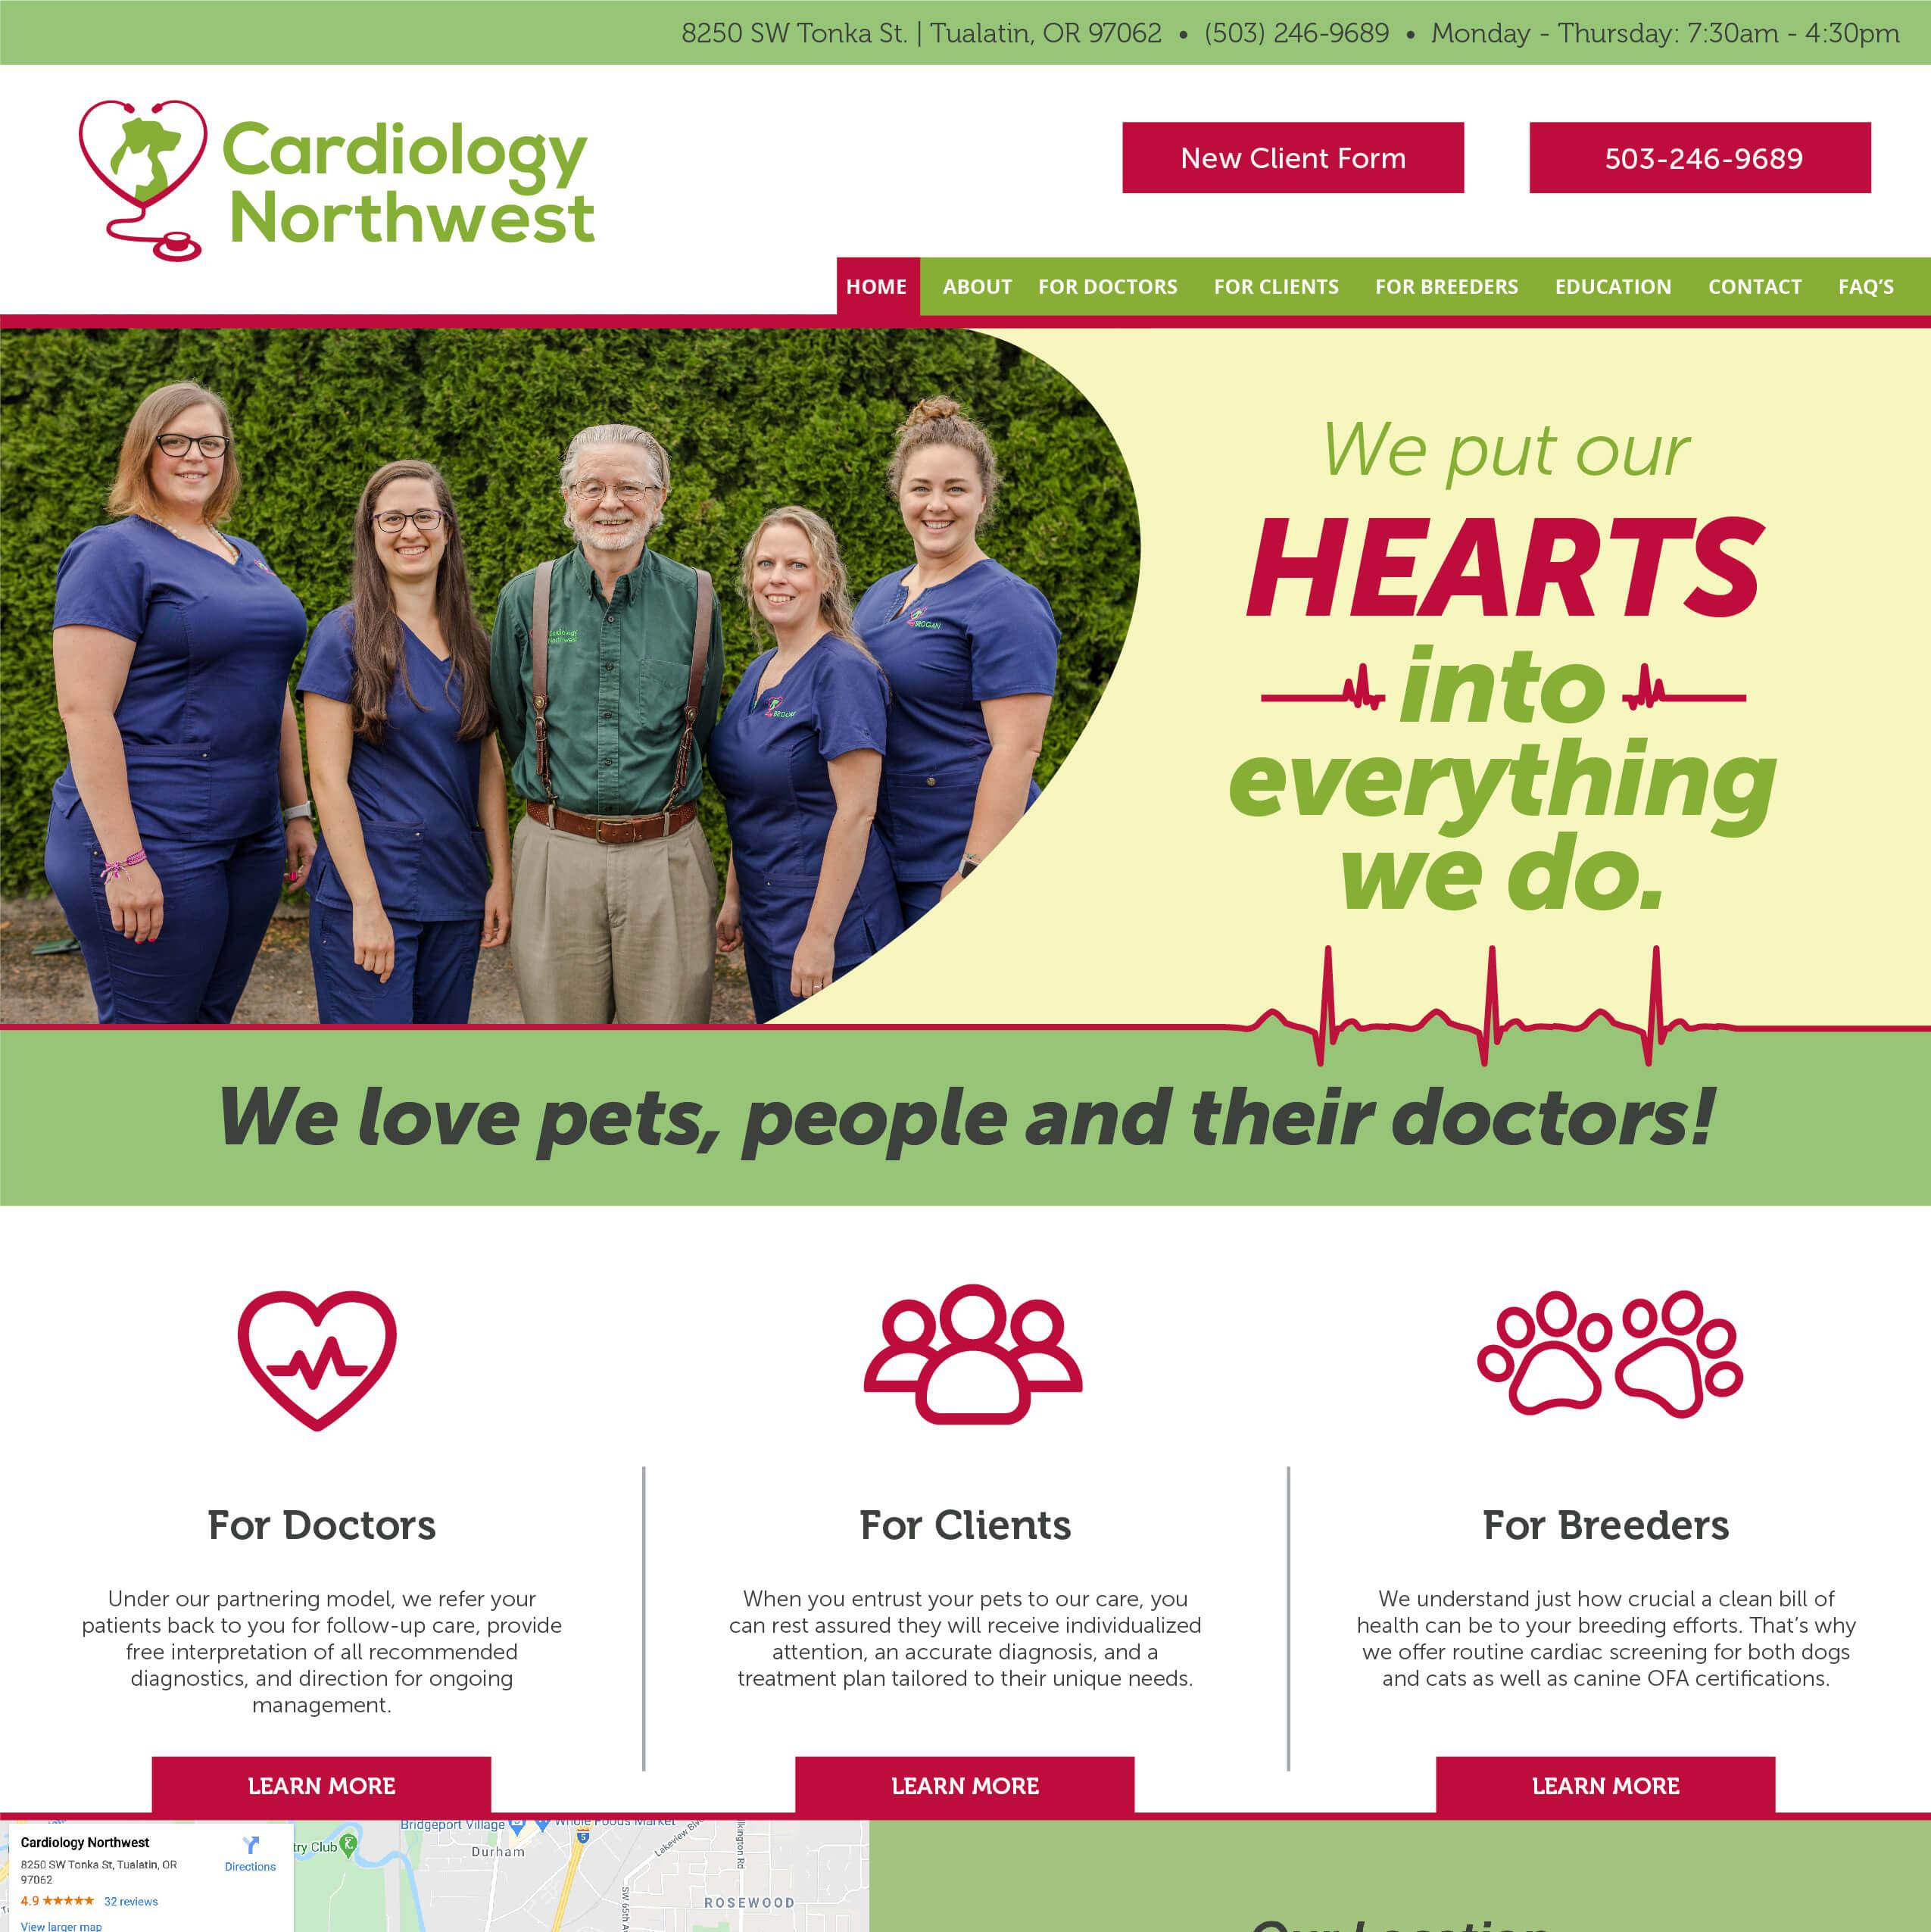 Cardiology Northwest